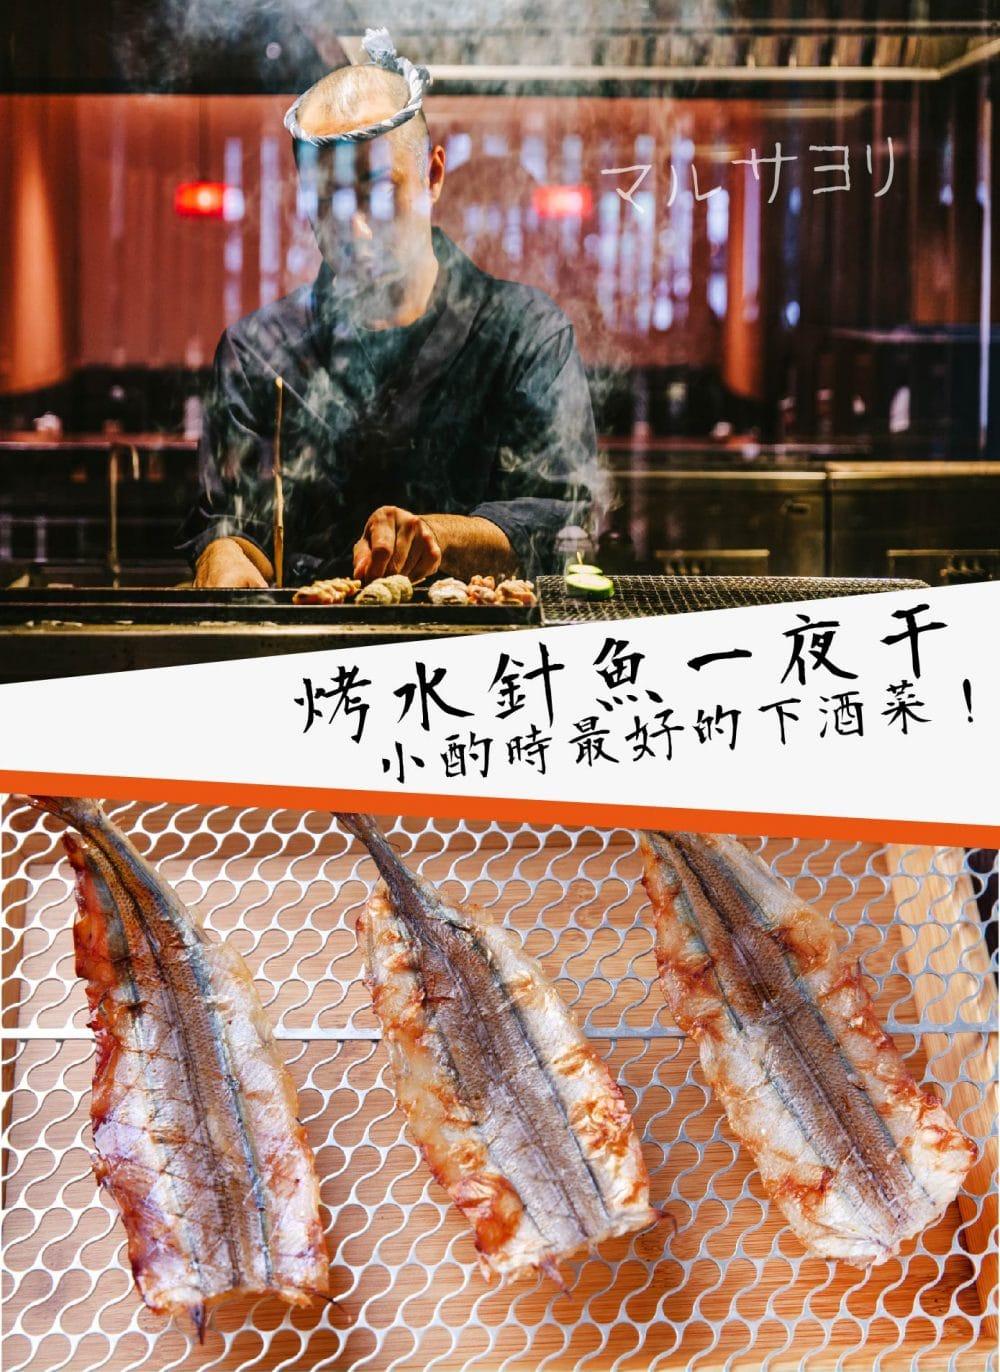 水針魚一夜干詳情頁2